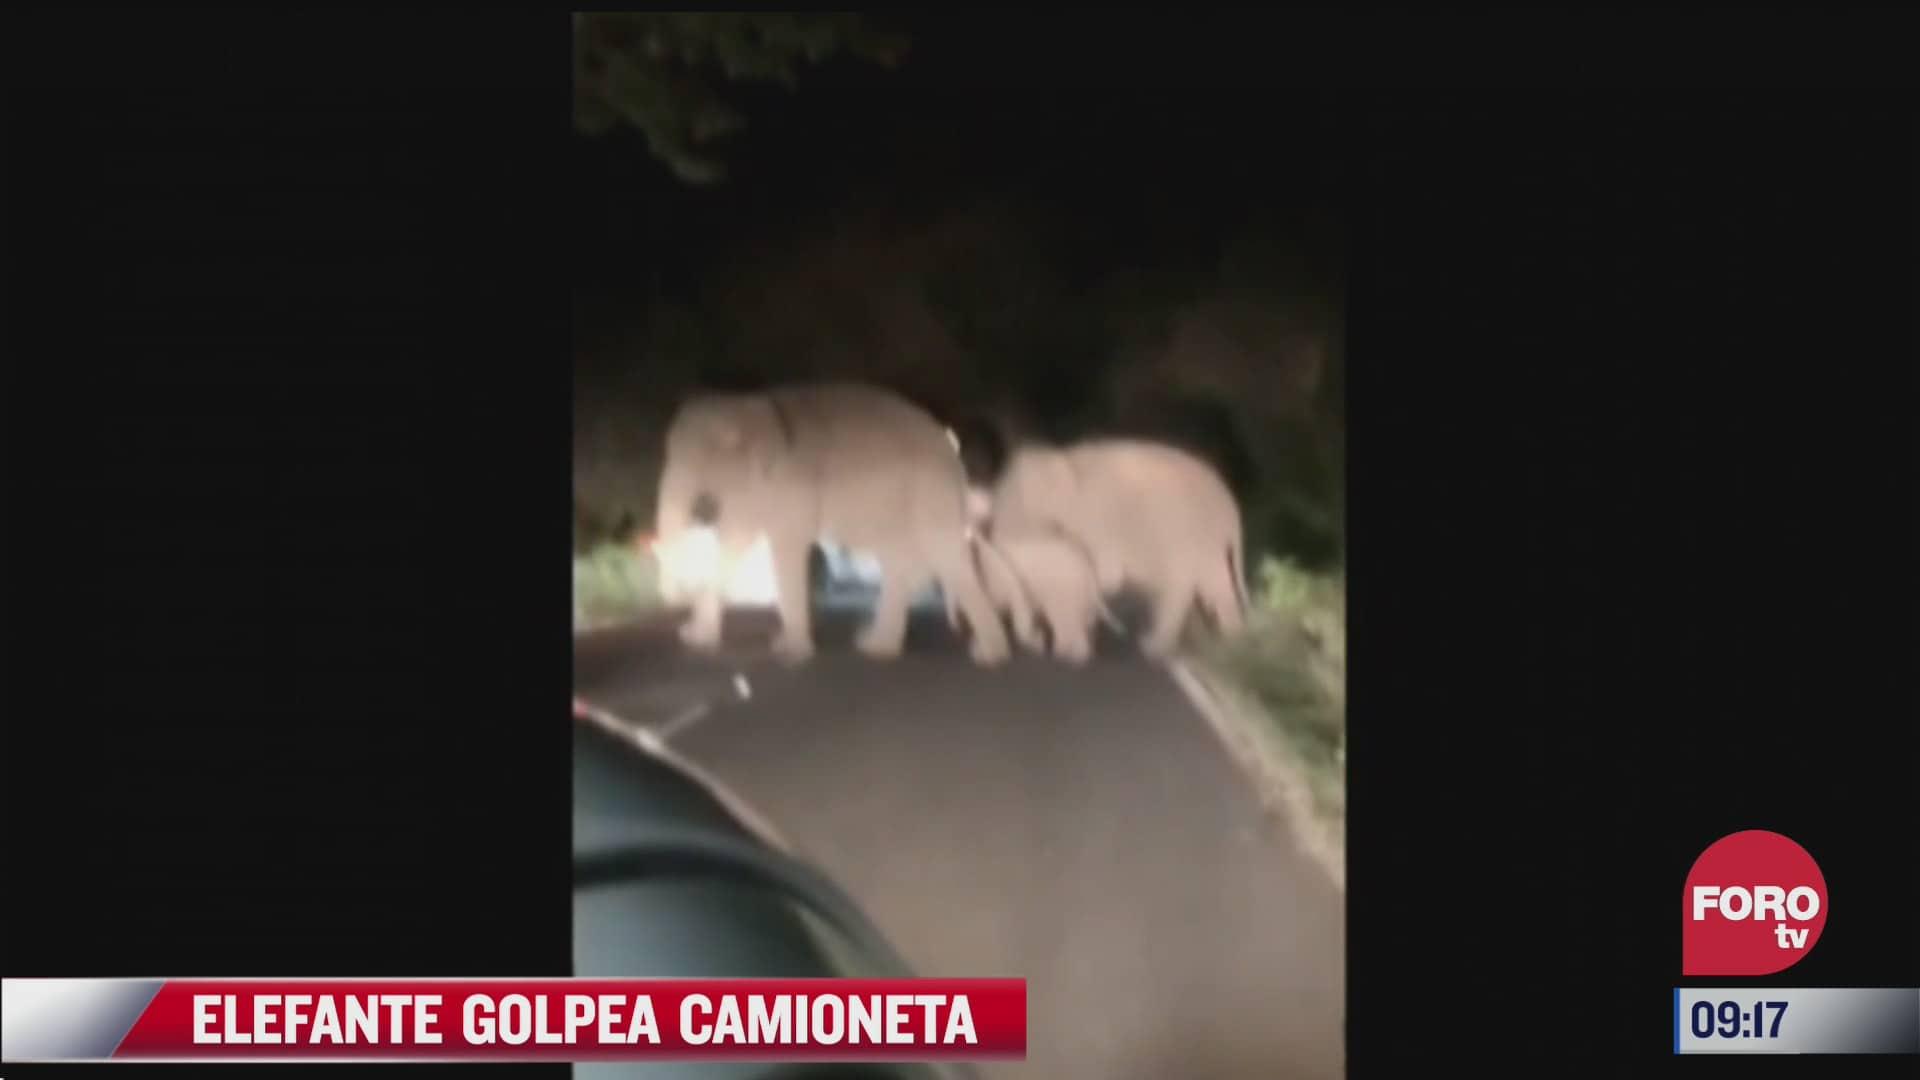 elefante enojado golpea vehiculo en la india